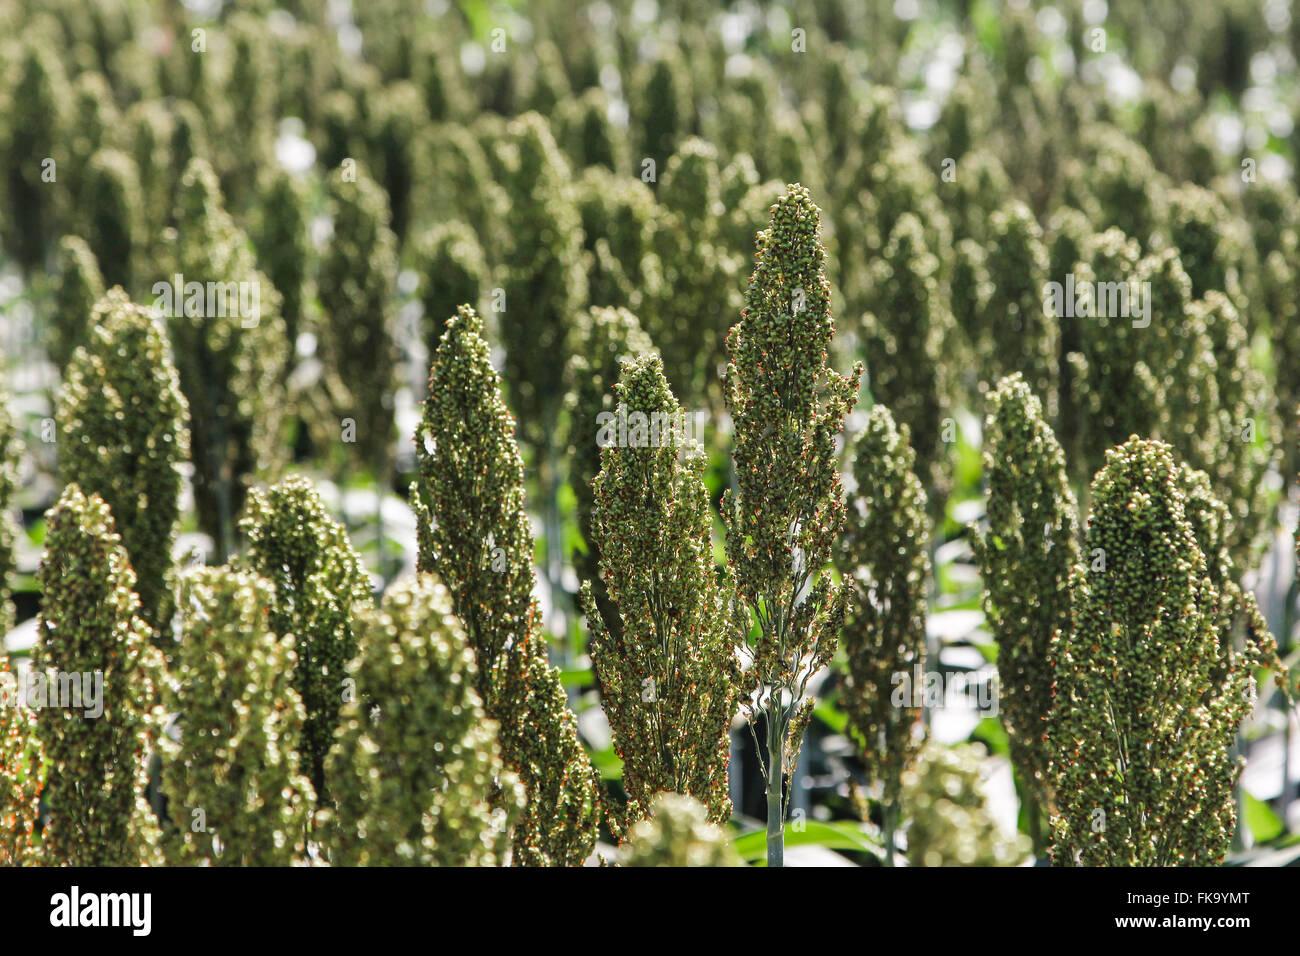 Détail de mil en panicules dans la campagne de plantation Photo Stock